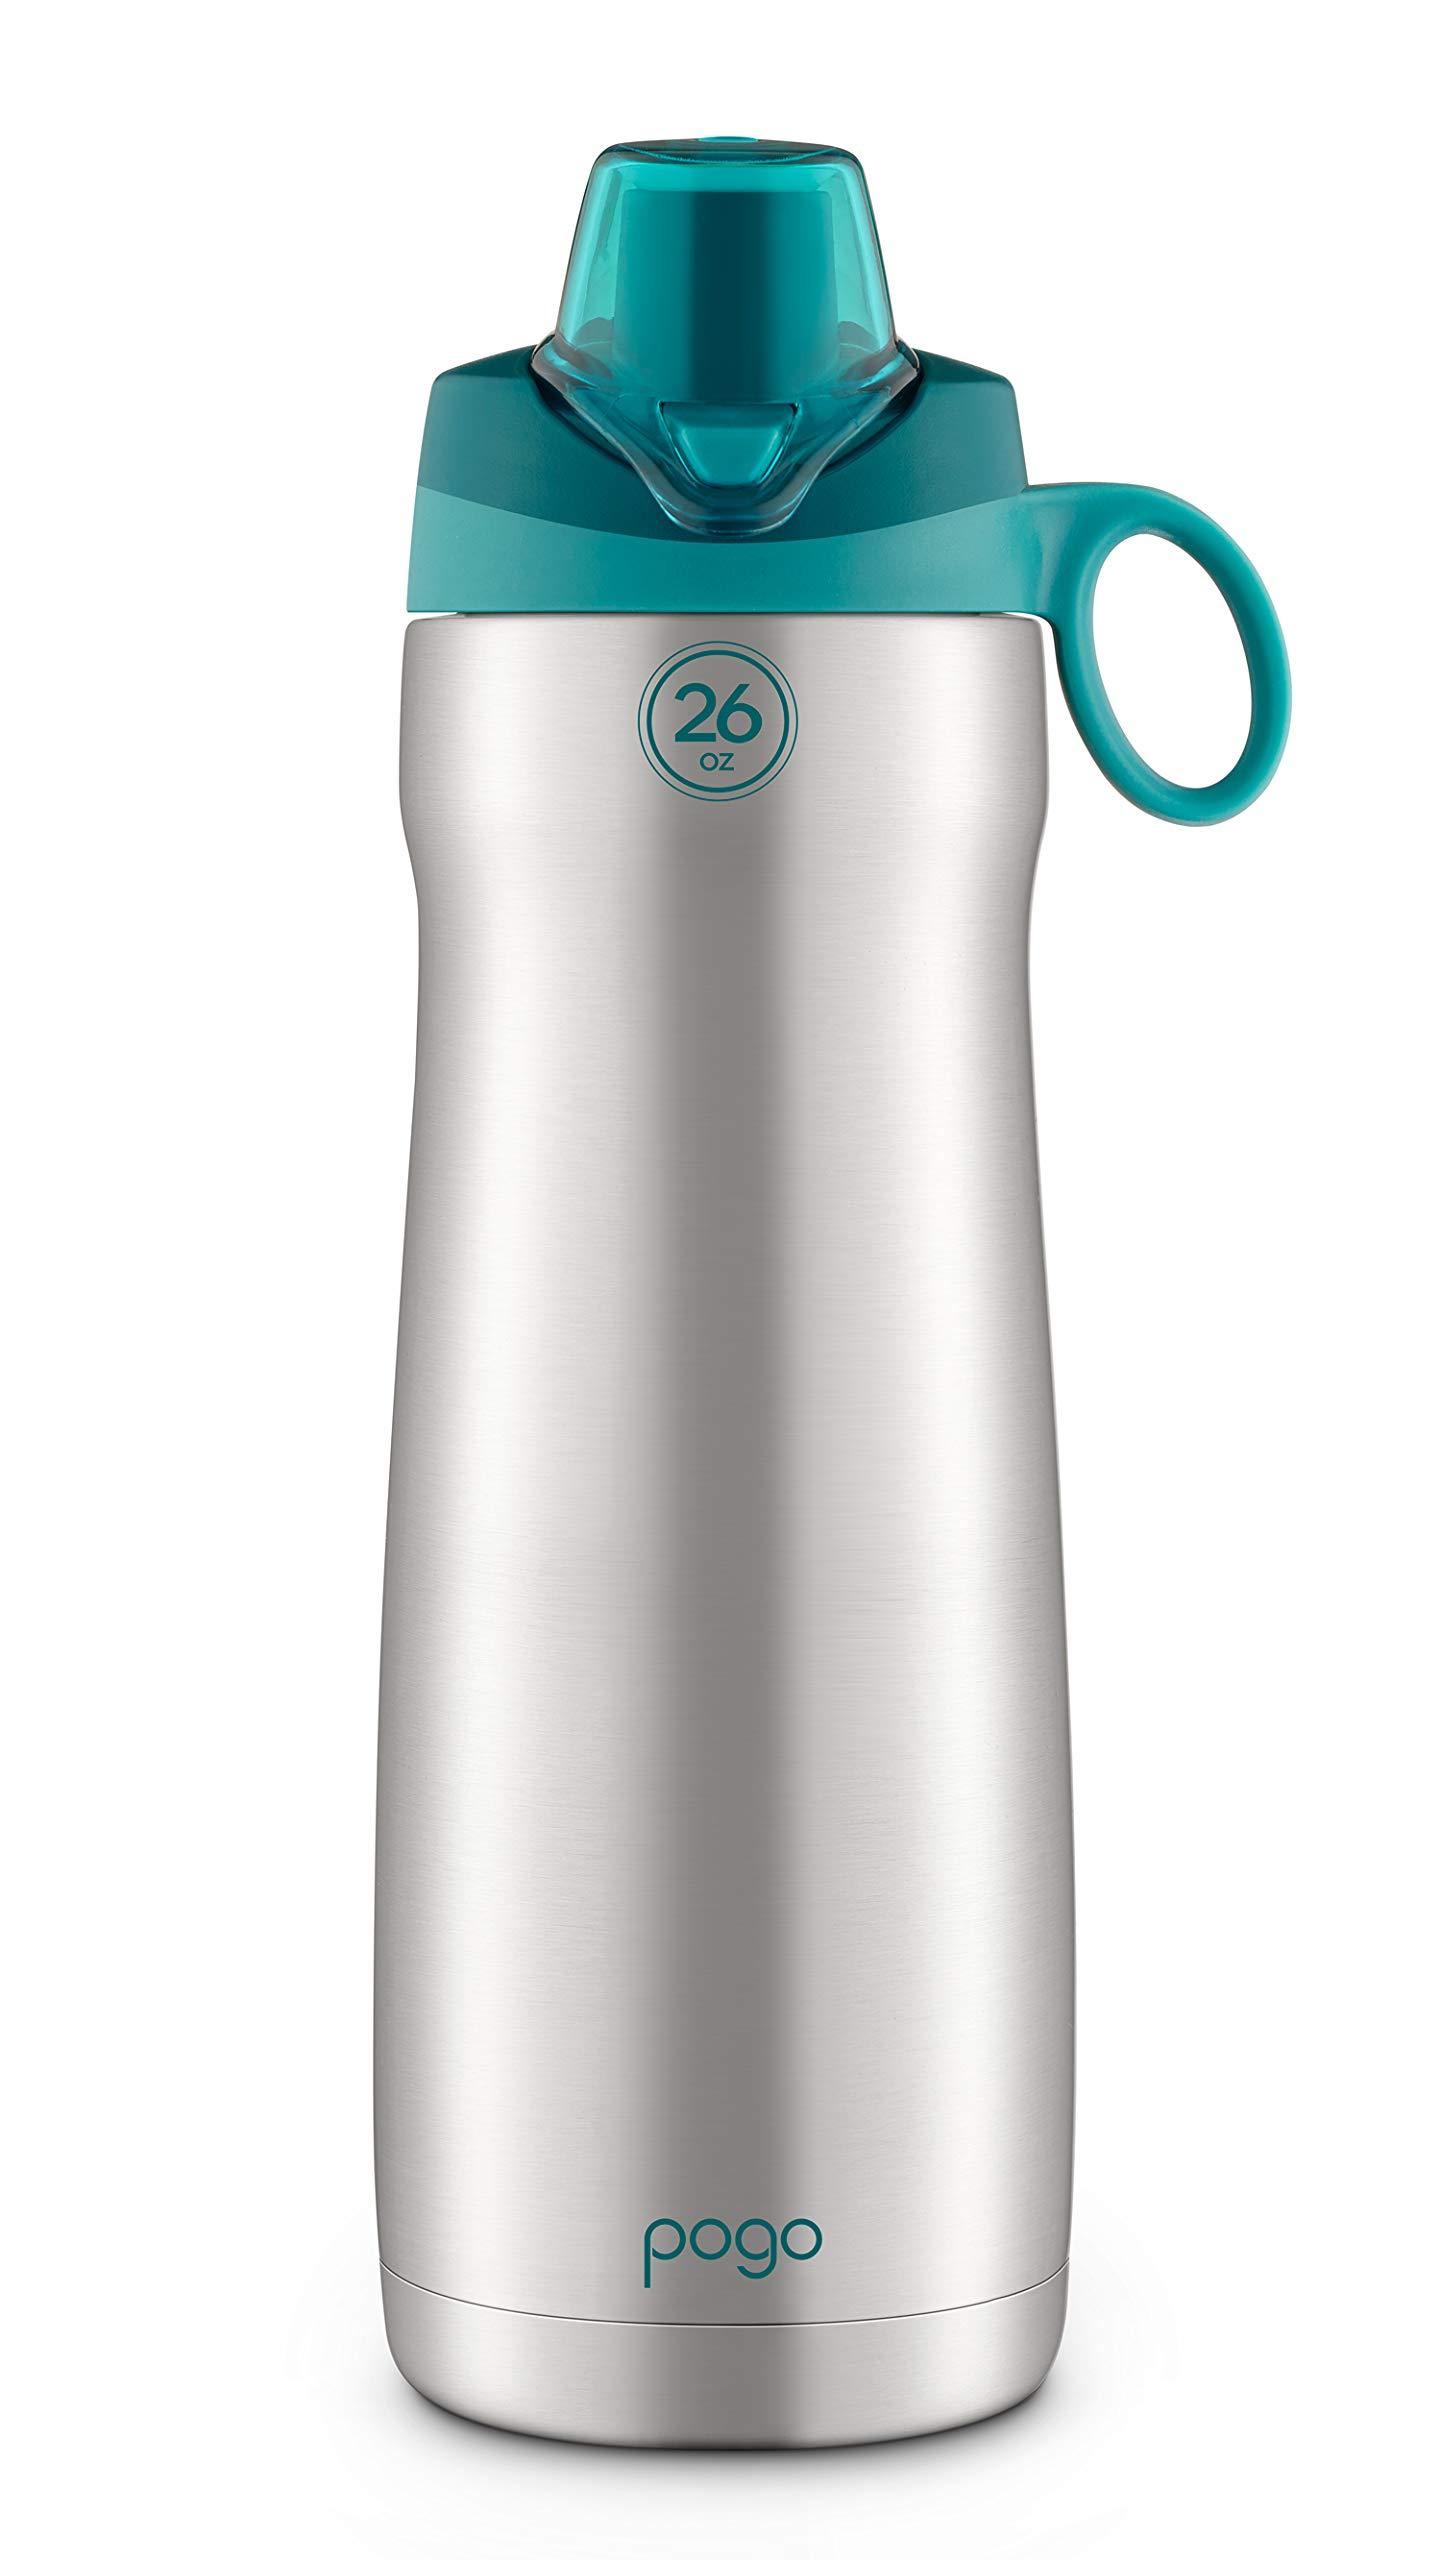 Pogo Vacuum Stainless Steel Bottle